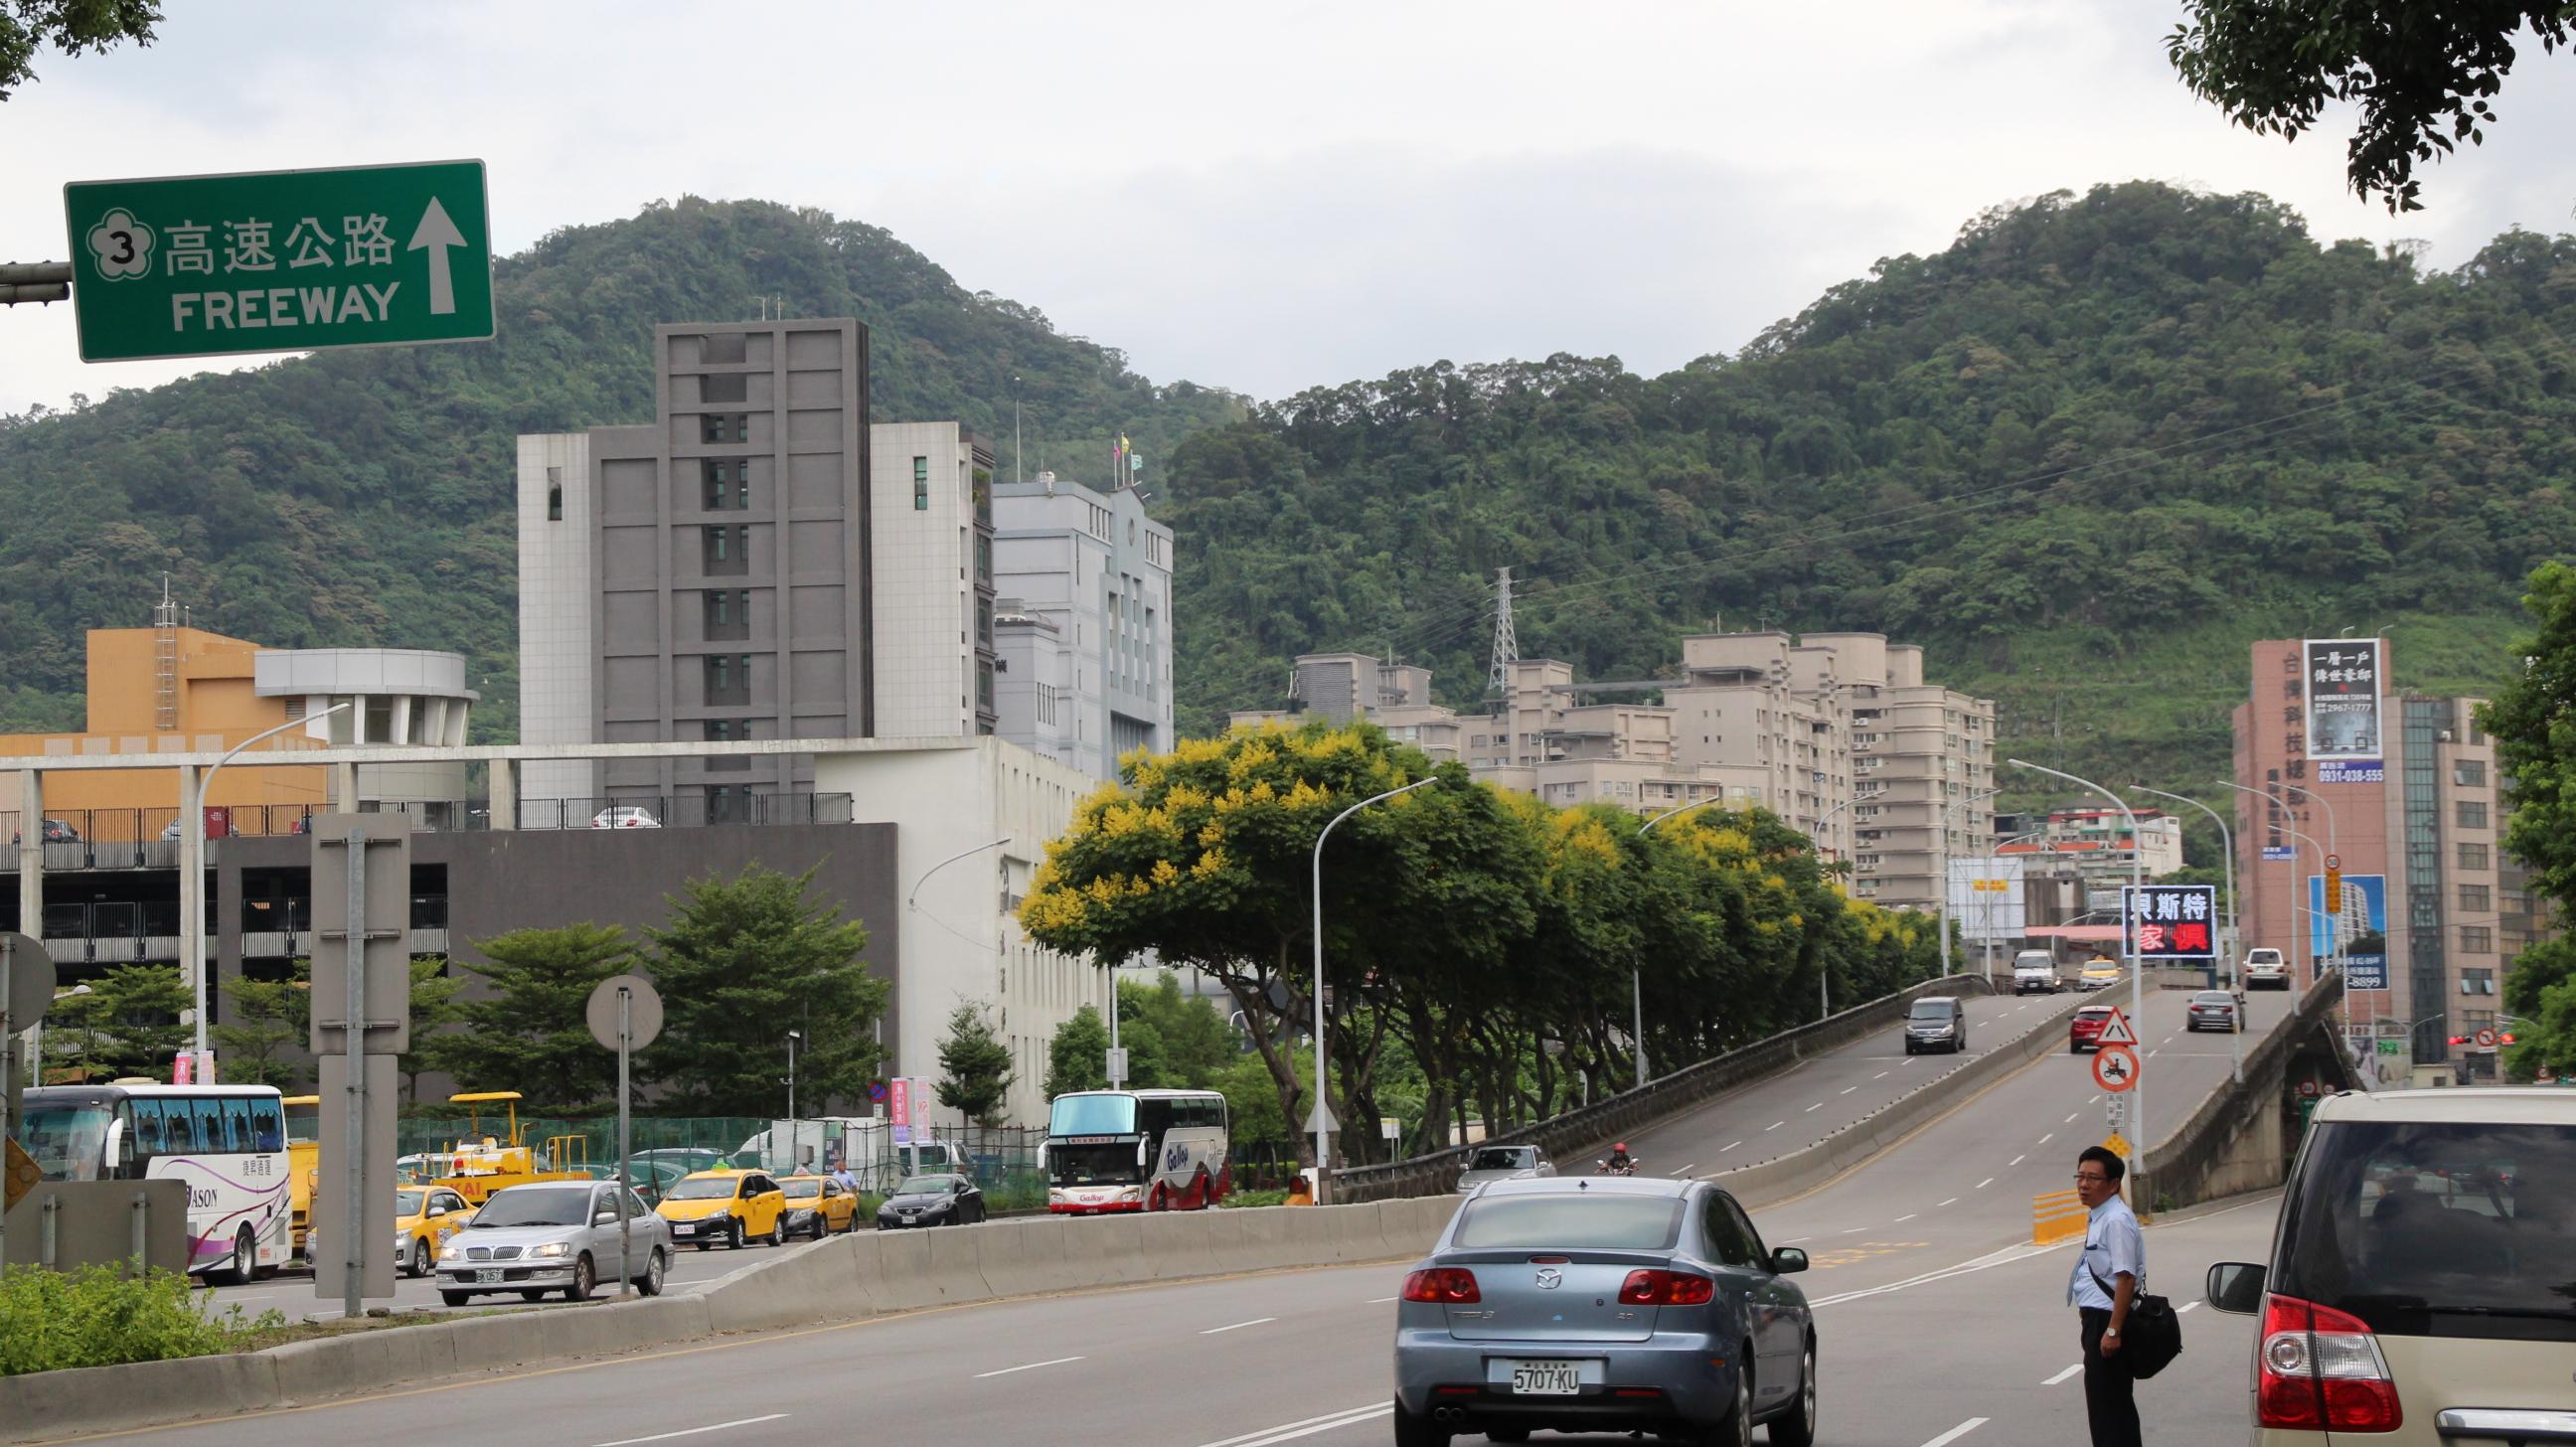 緊鄰開發案土地,車流量大的中興路橋